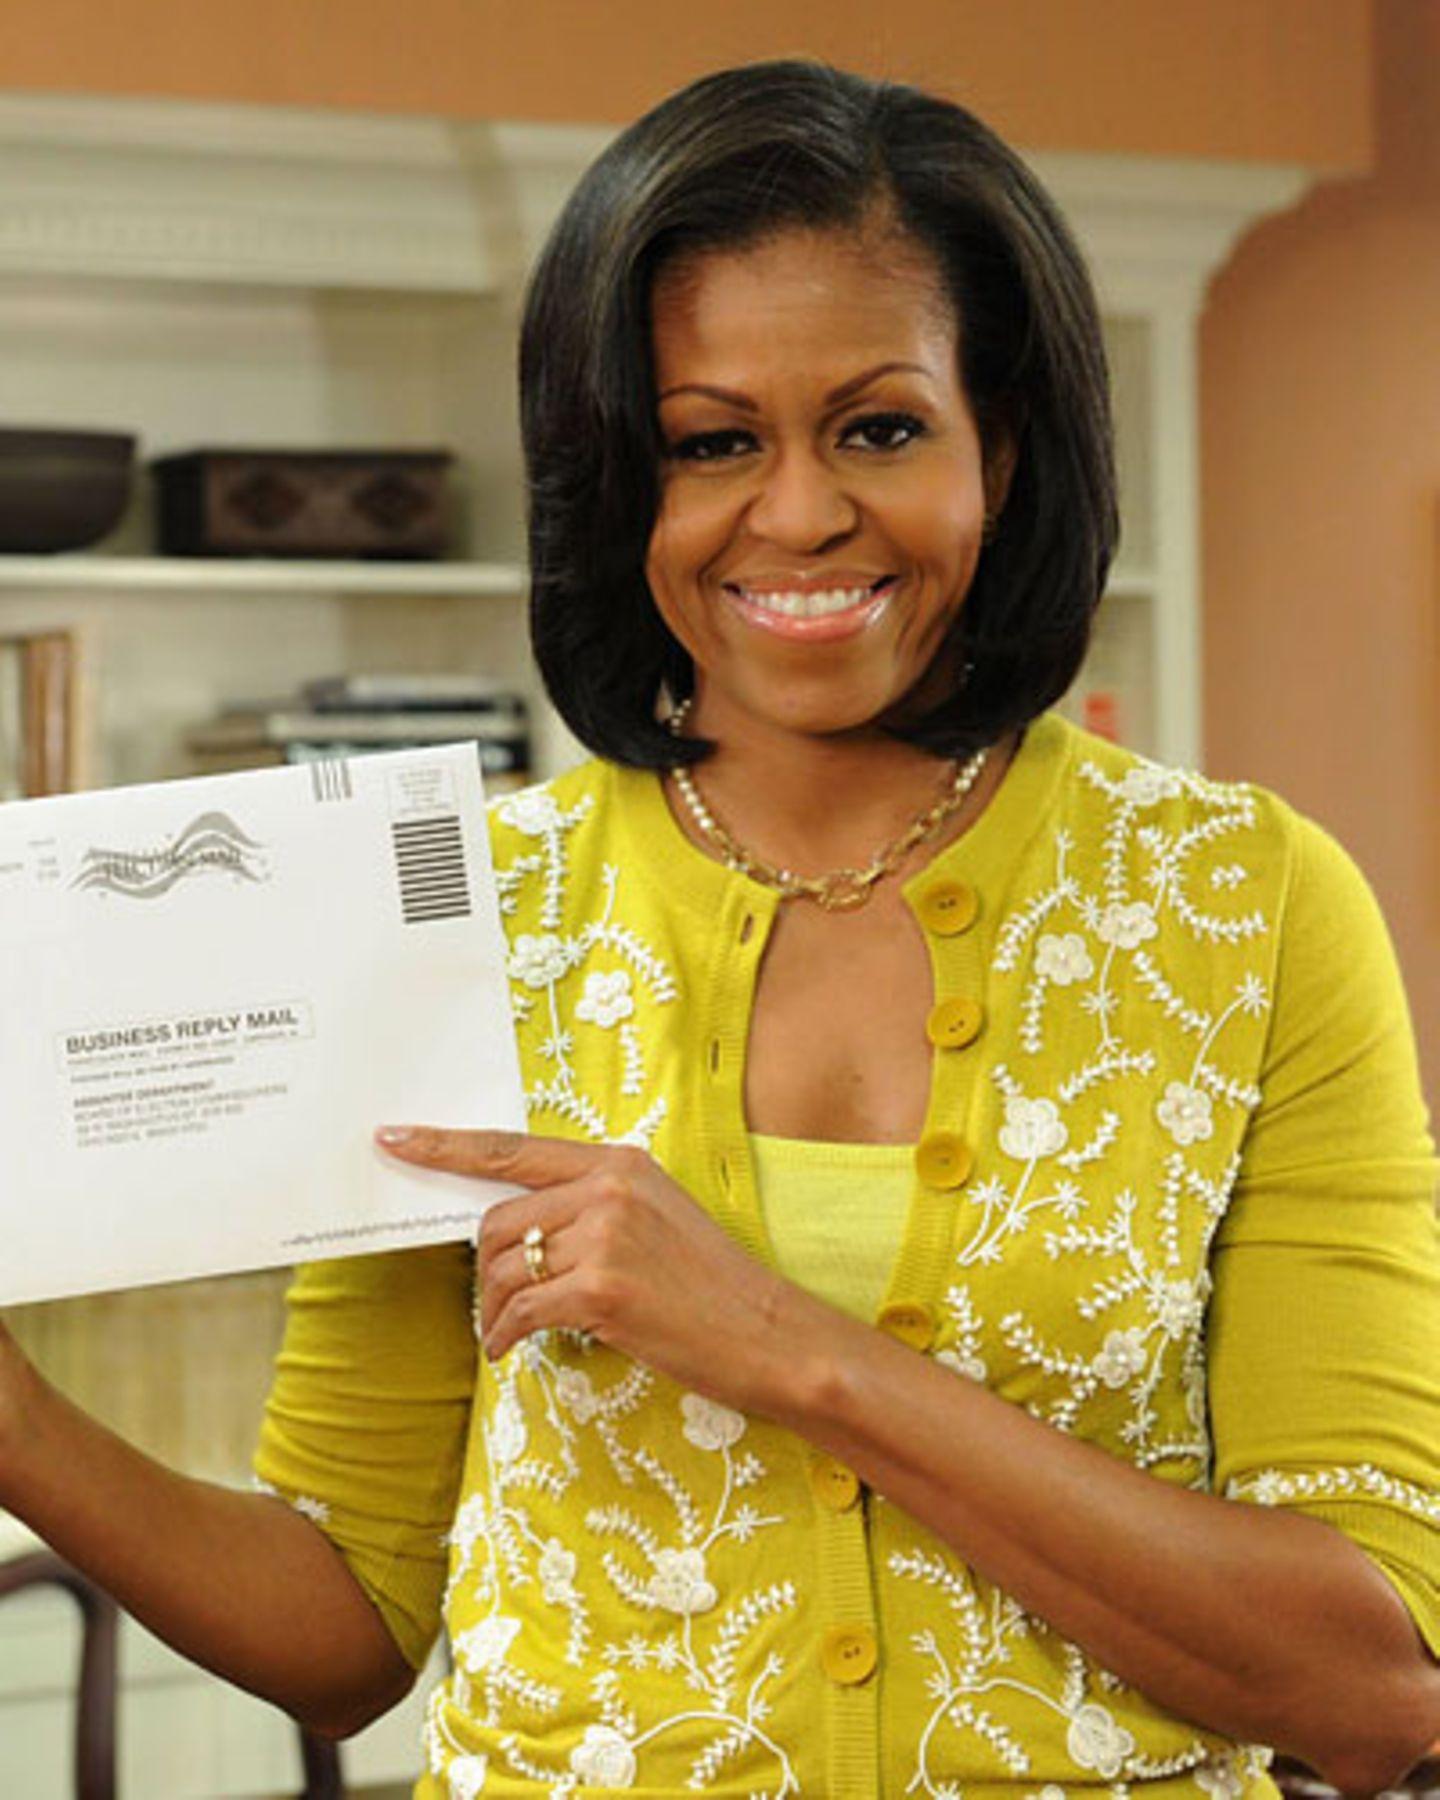 Zitronengelbes Top, Senfgelbe Strickjacke und goldige Kette. So absolvierte Michelle Obama die Briefwahl am 15. Oktober. Hat geholfen - der Sonnen-Look. Mehr bei BRIGITTE.de: Michelle Obama: So stylt sich die First Lady Michelle Obama: Die Unverstellte Macht-Schnitte: Frauen verändern ihre Frisuren